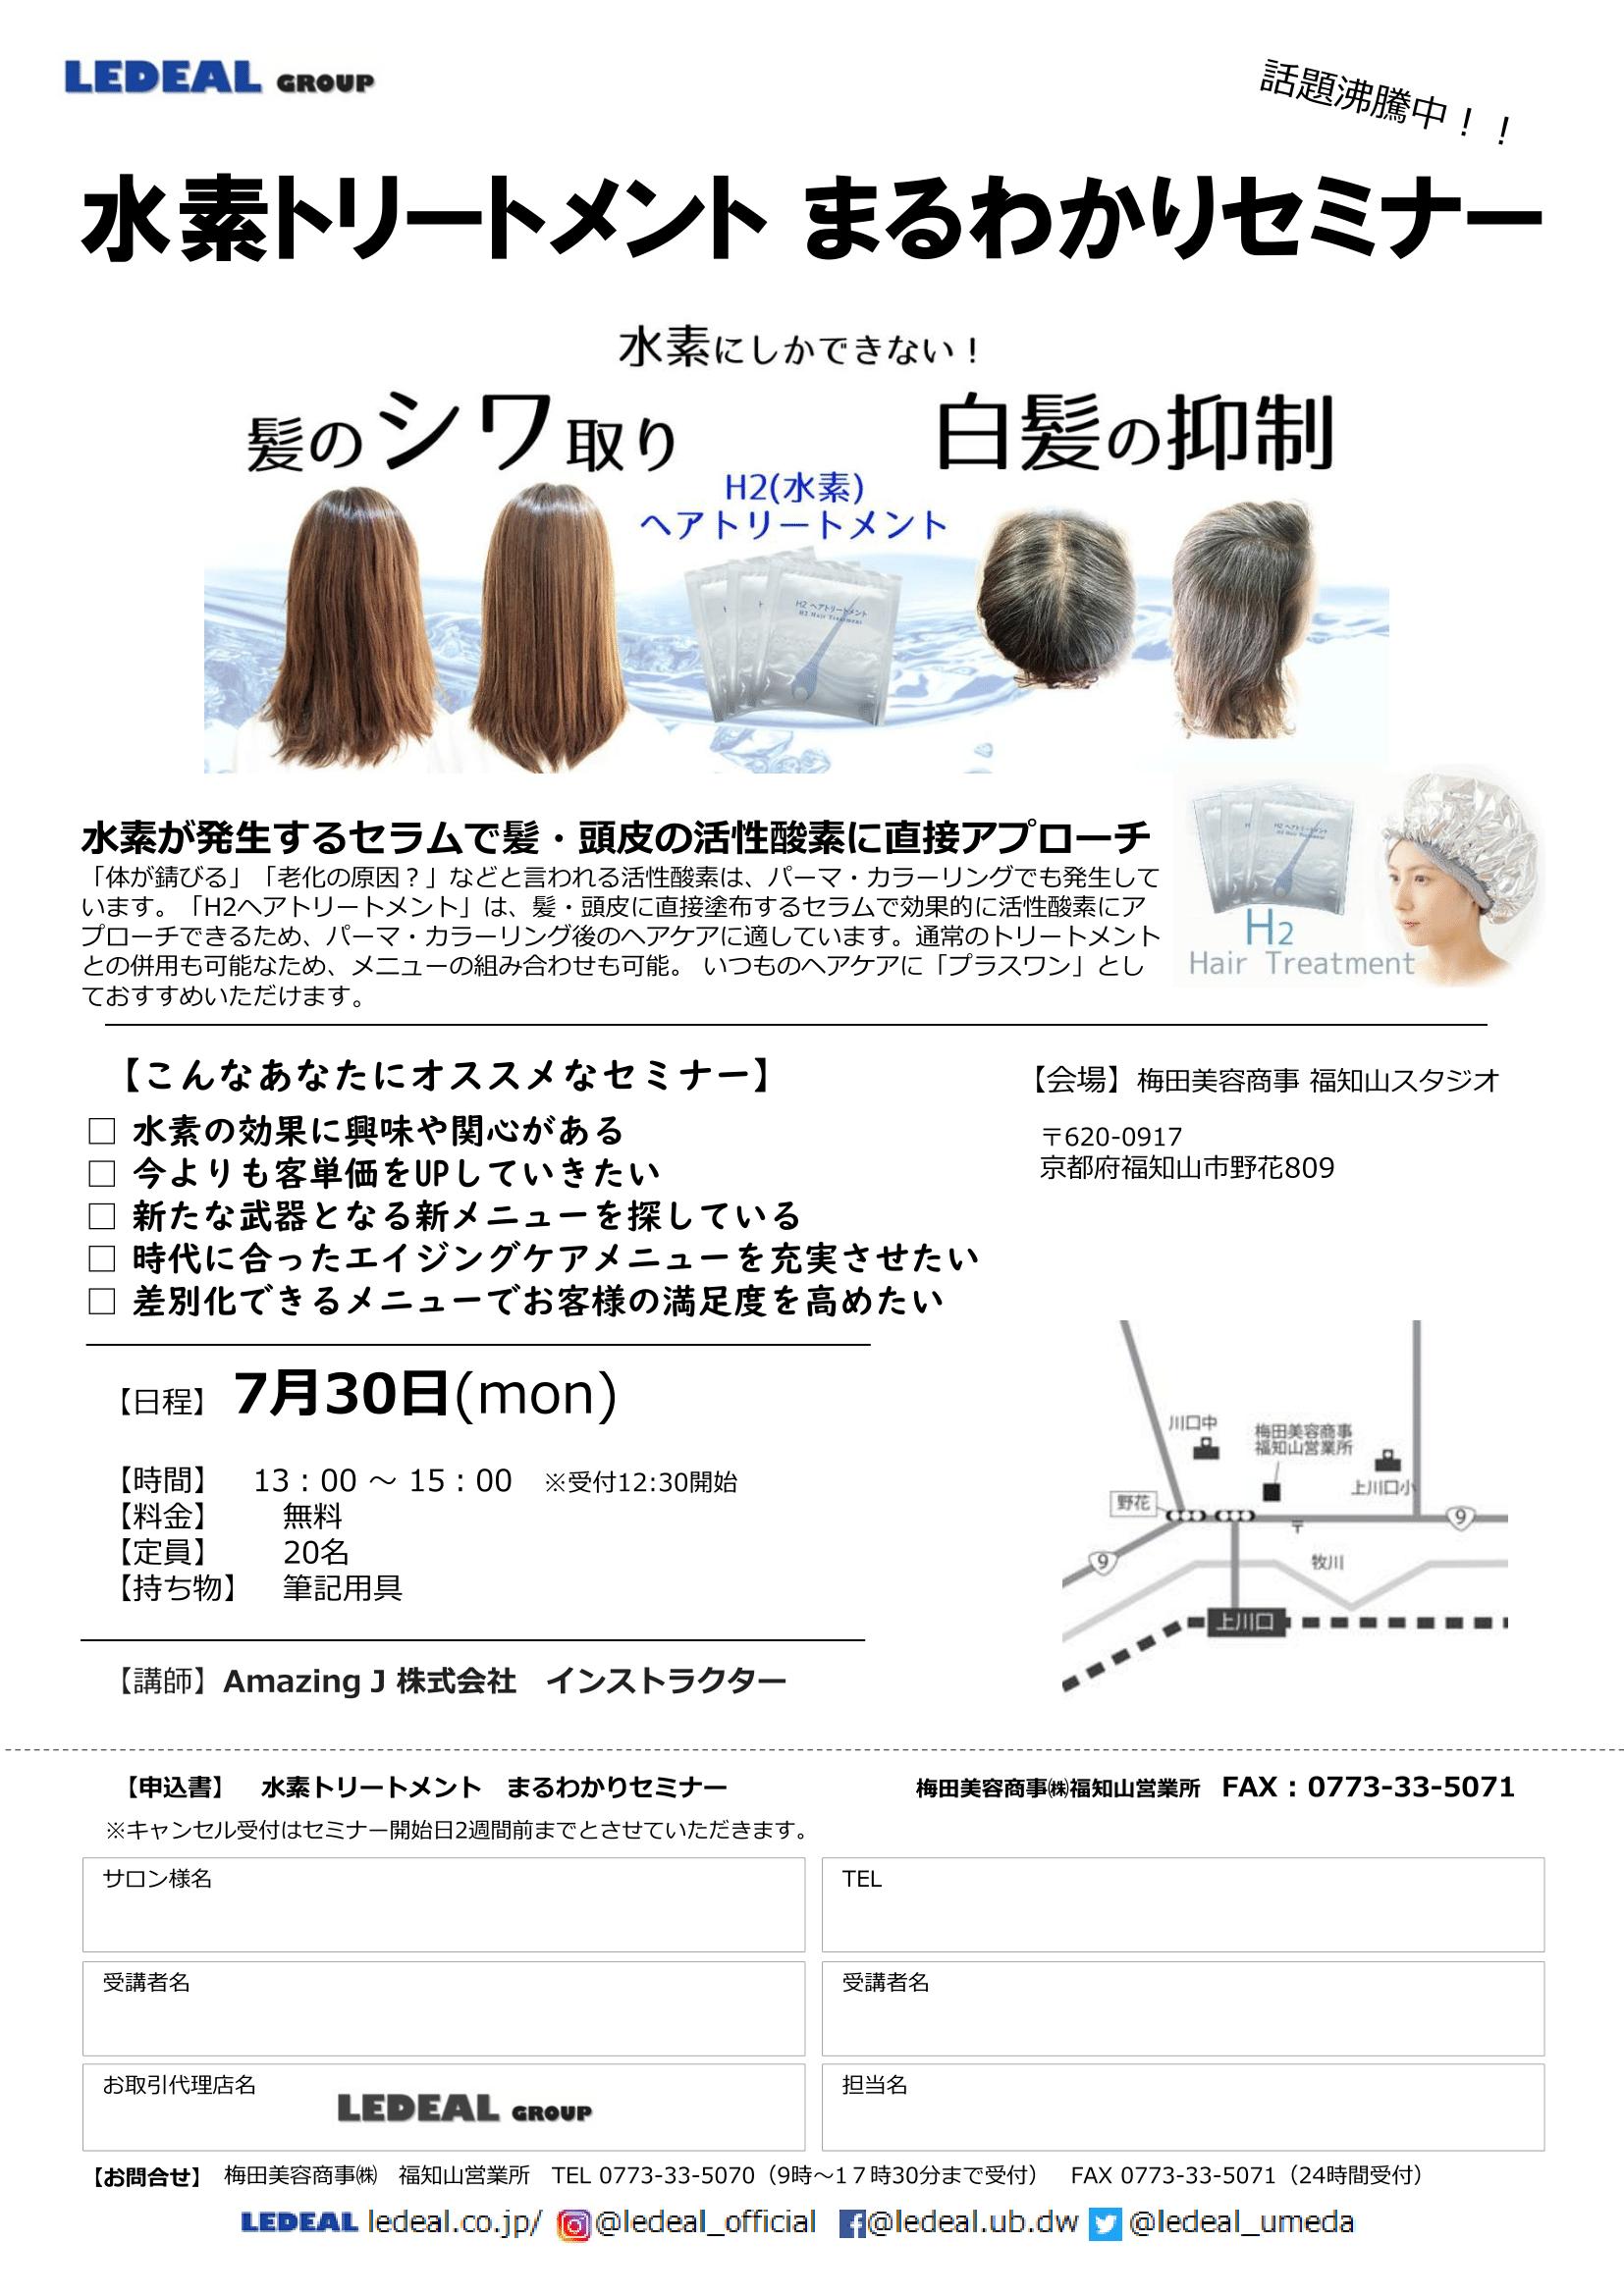 【福知山】水素トリートメント まるわかりセミナー